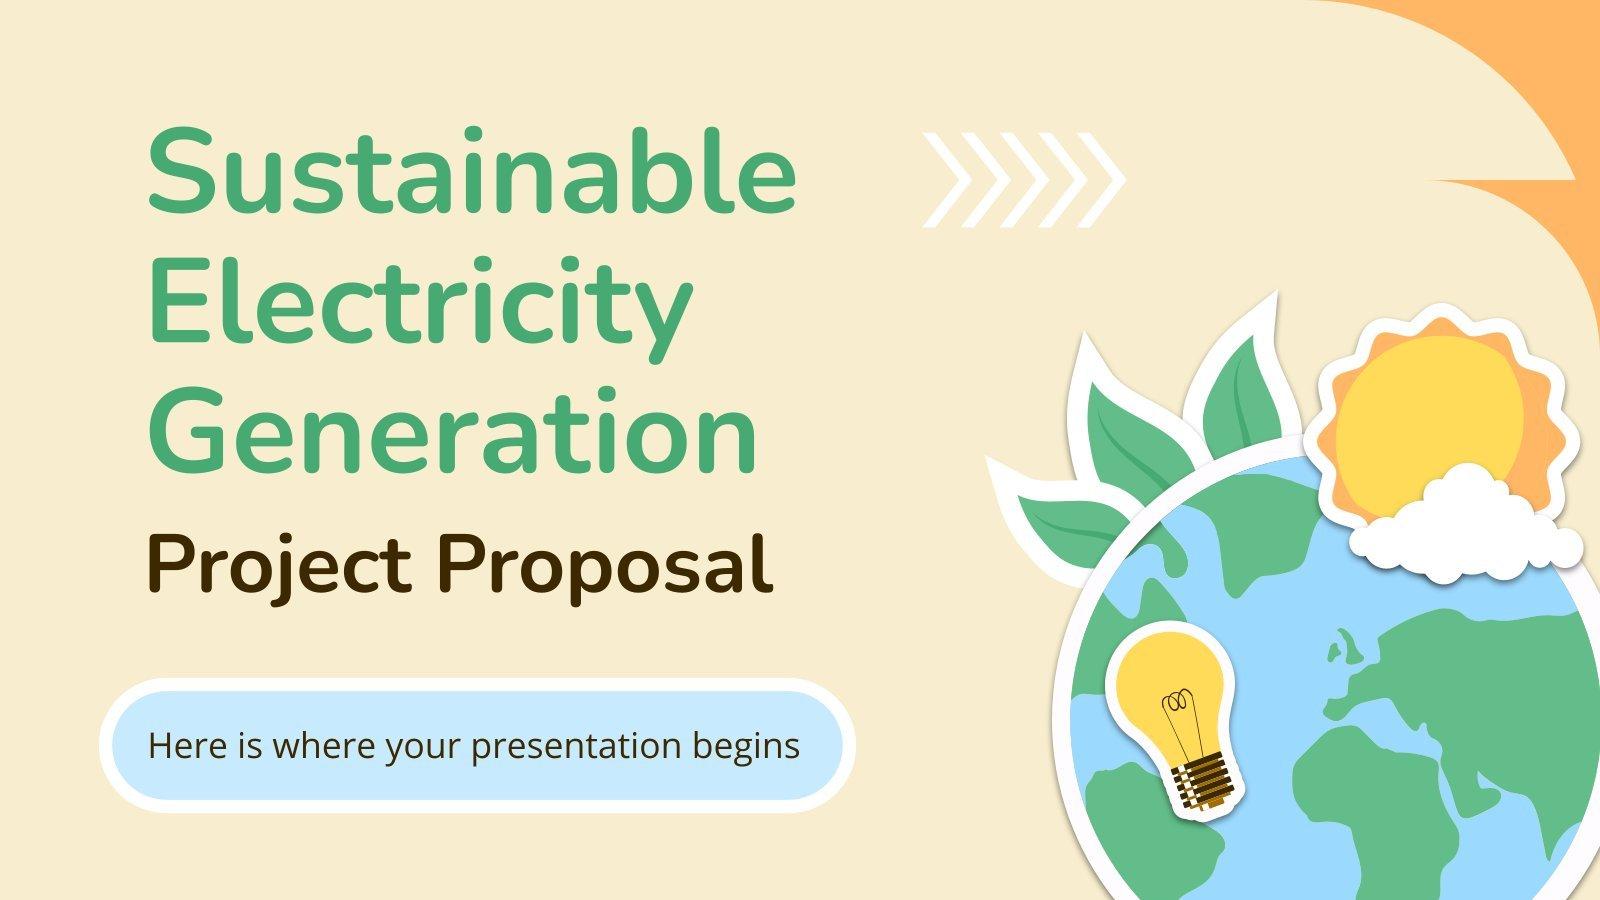 Proposition de projet de production durable d'électricité : Modèles de présentation